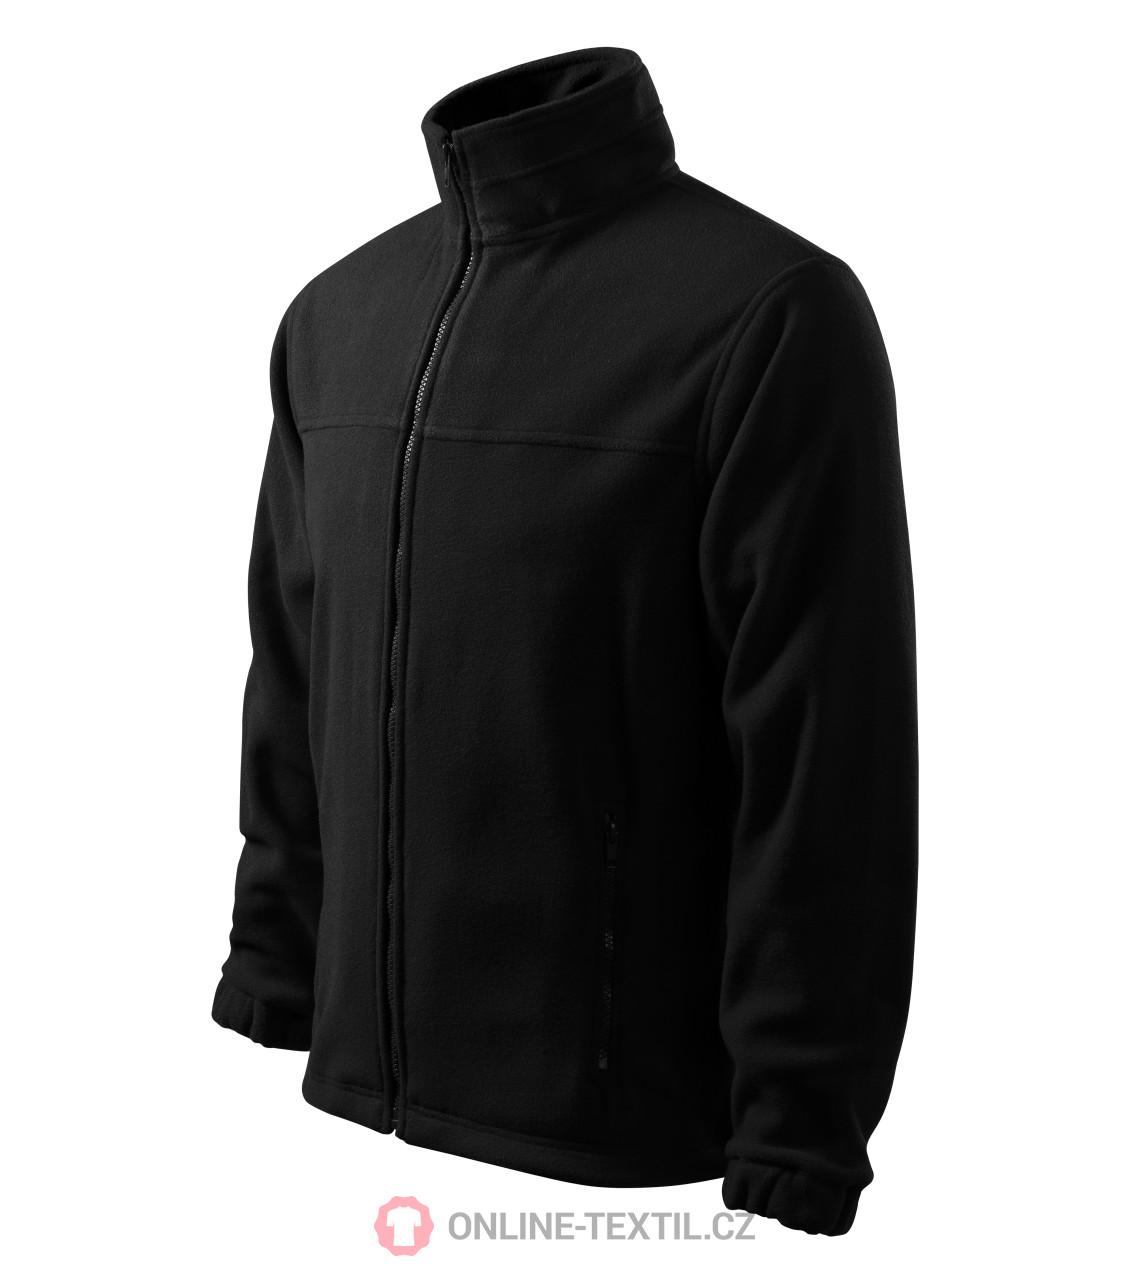 30c7f6893fe3 ADLER CZECH Pánská fleece bunda mikina Fleece Jacket 501 - černá z ...